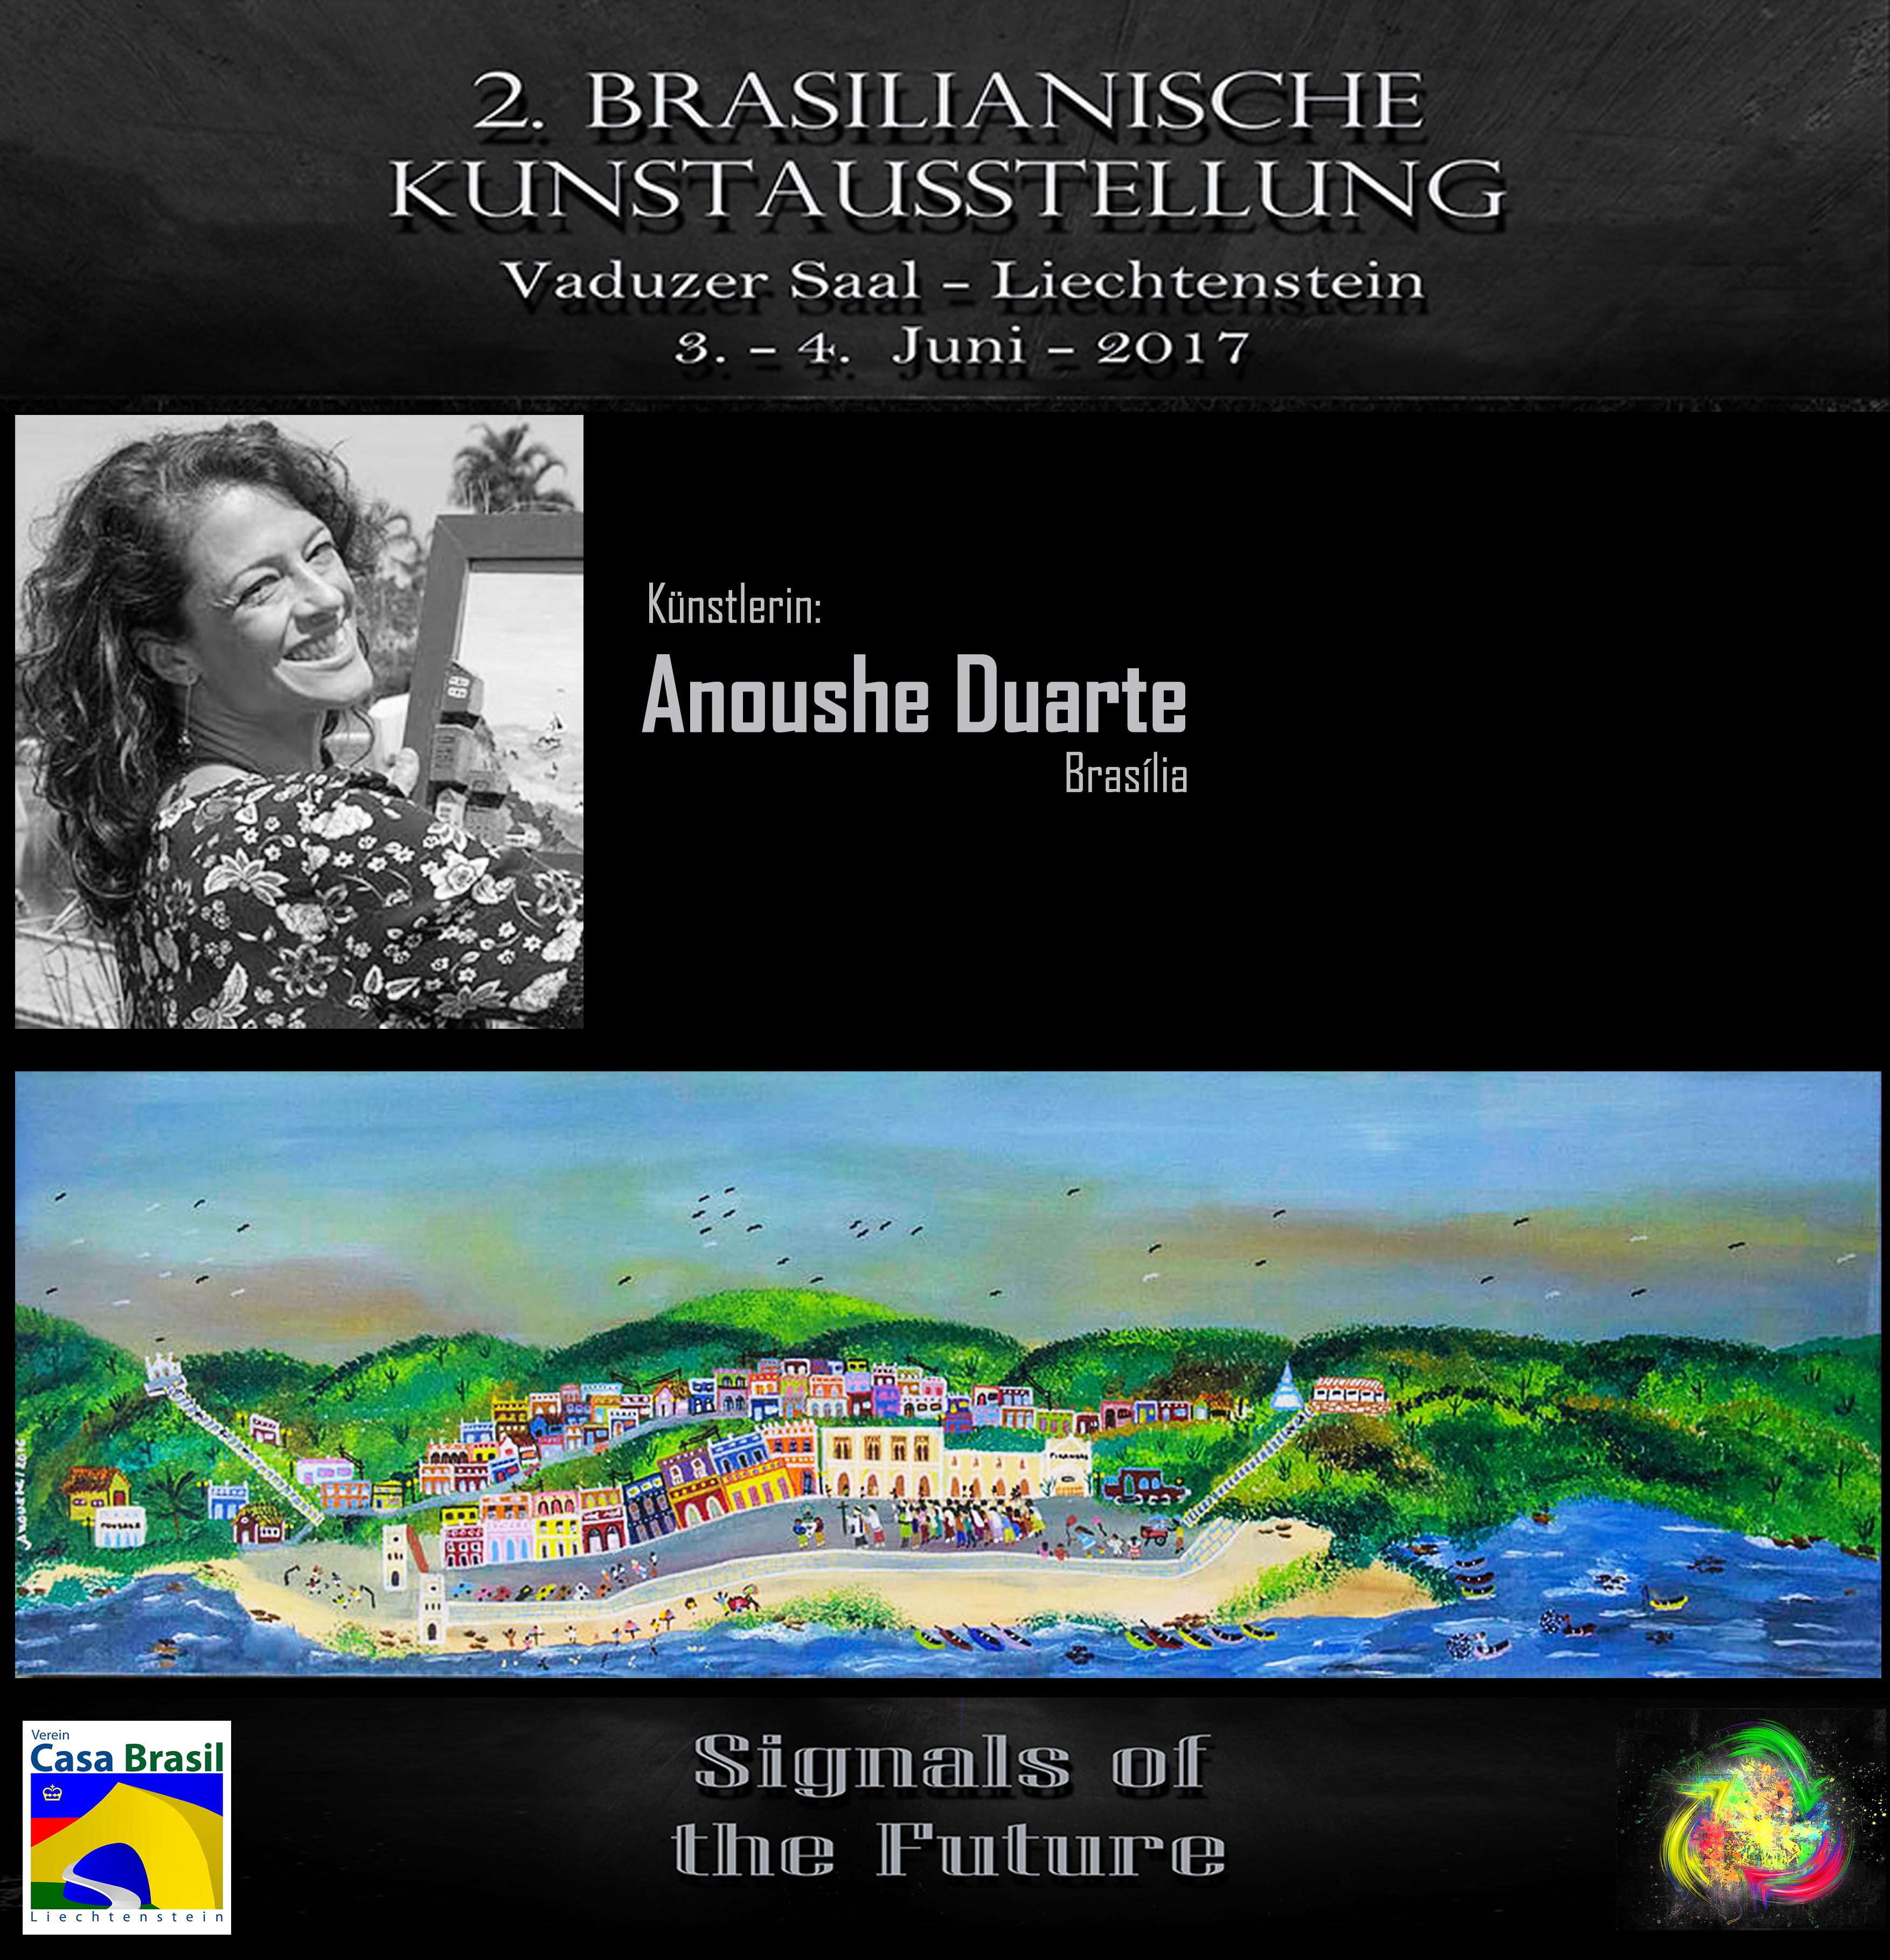 Anoushe Duarte